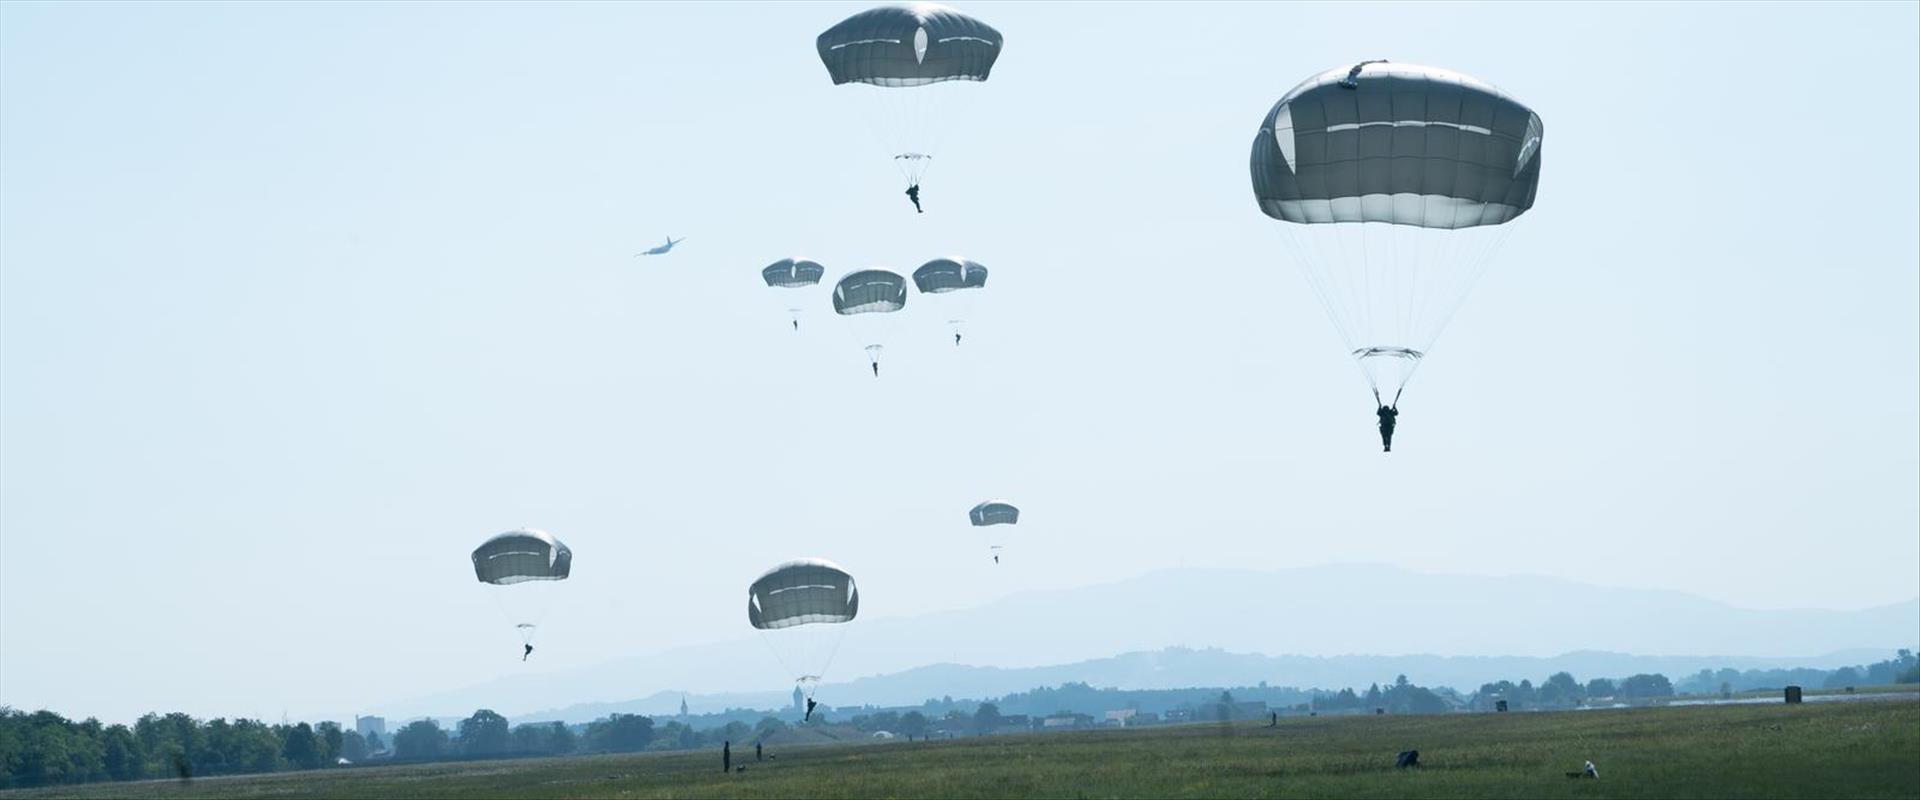 מבצע הצניחה בסלובניה, הבוקר